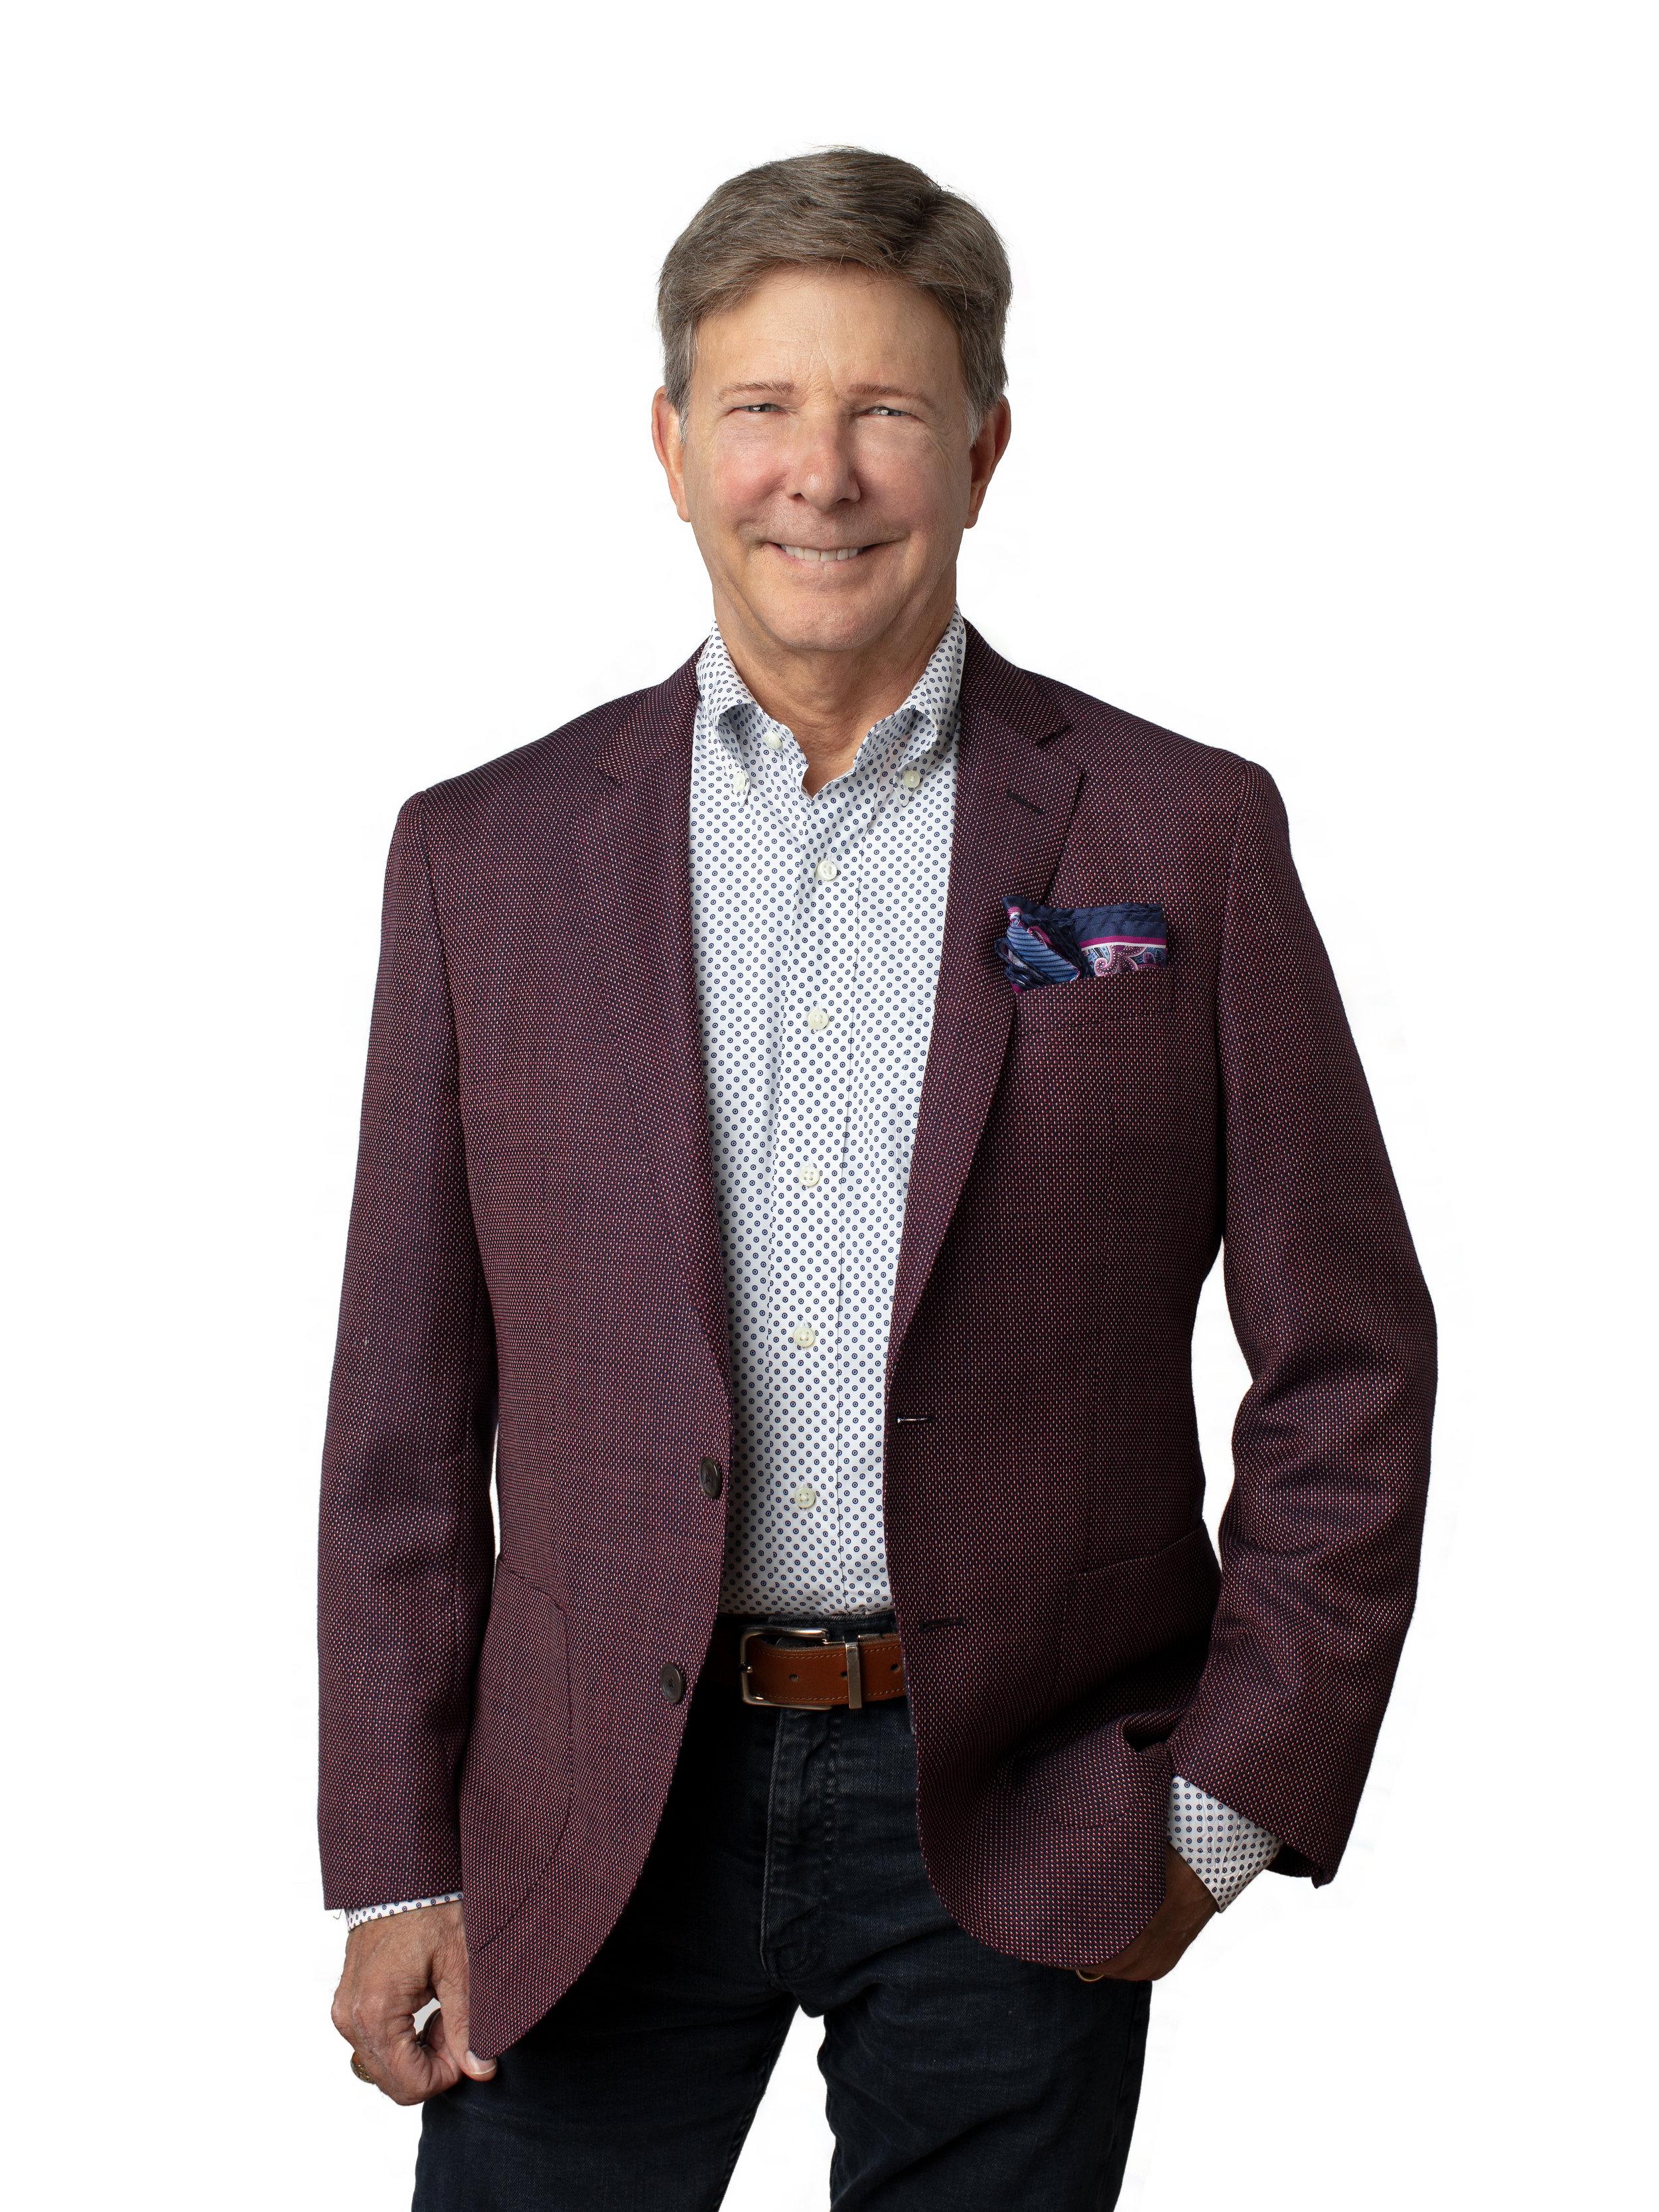 Gary-Owens-Portrait1.jpg